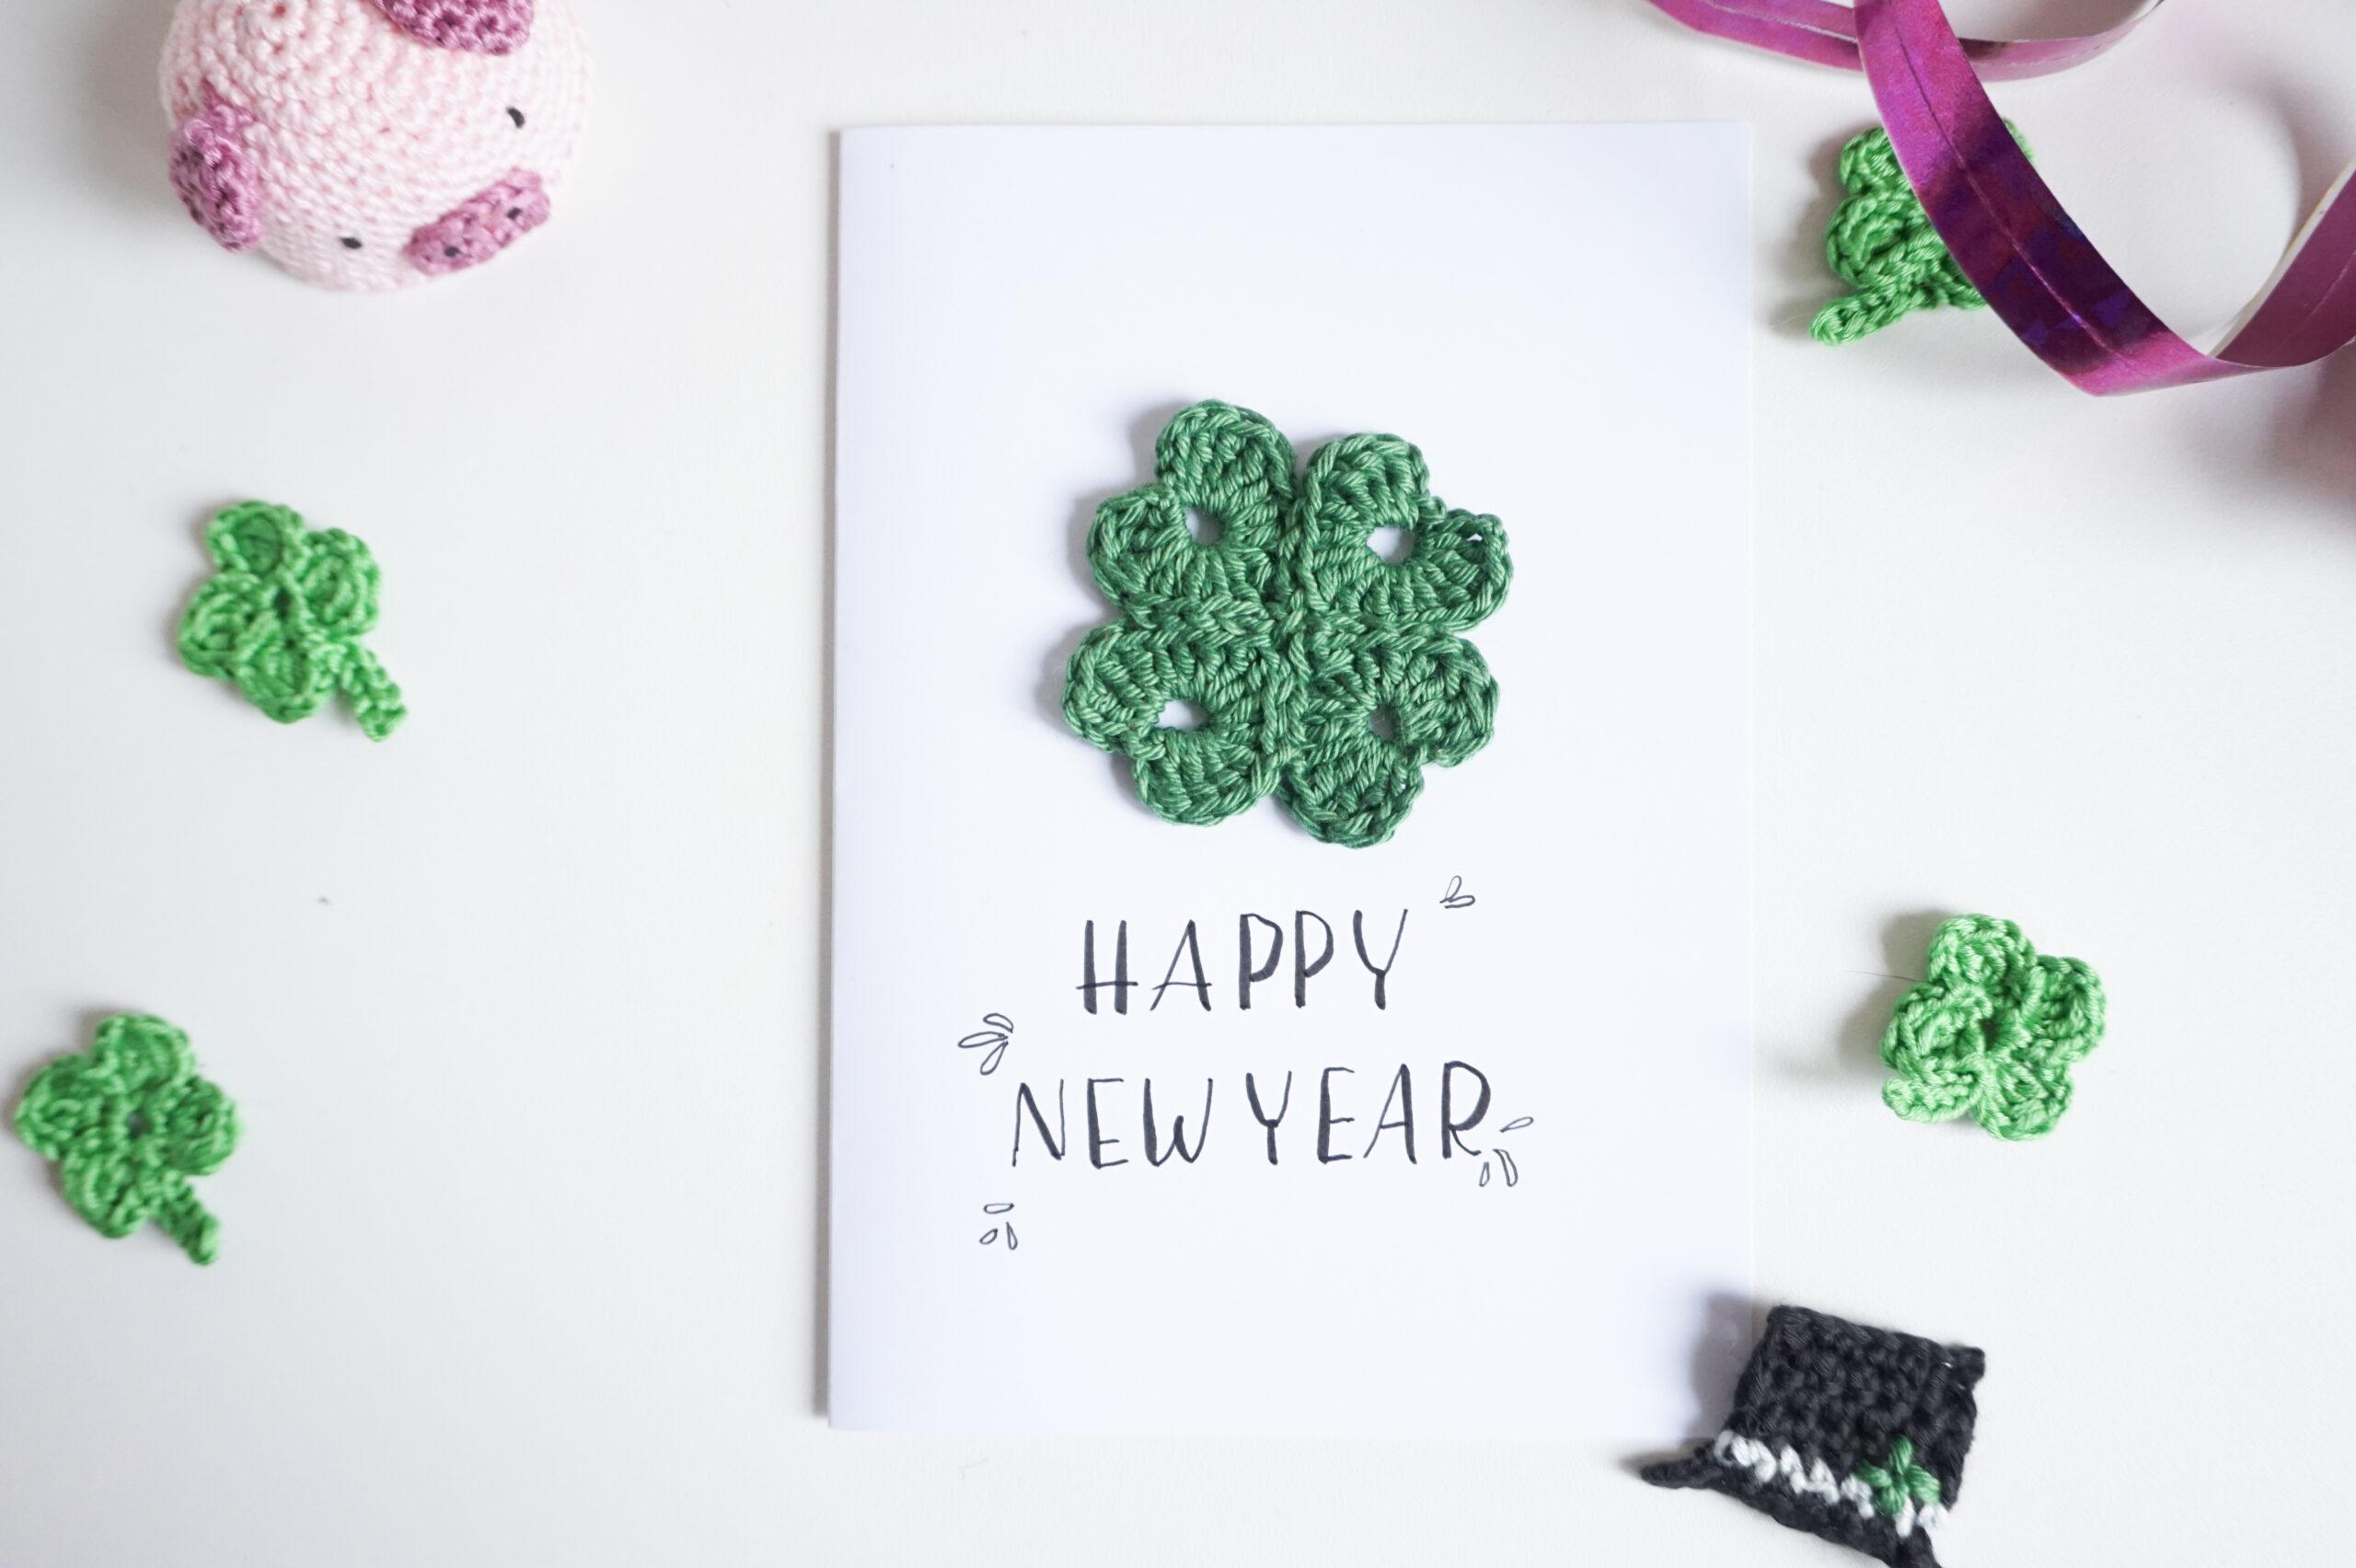 Gehäkeltes Kleeblatt auf einer Glückwunschkarte zum Neuen Jahr